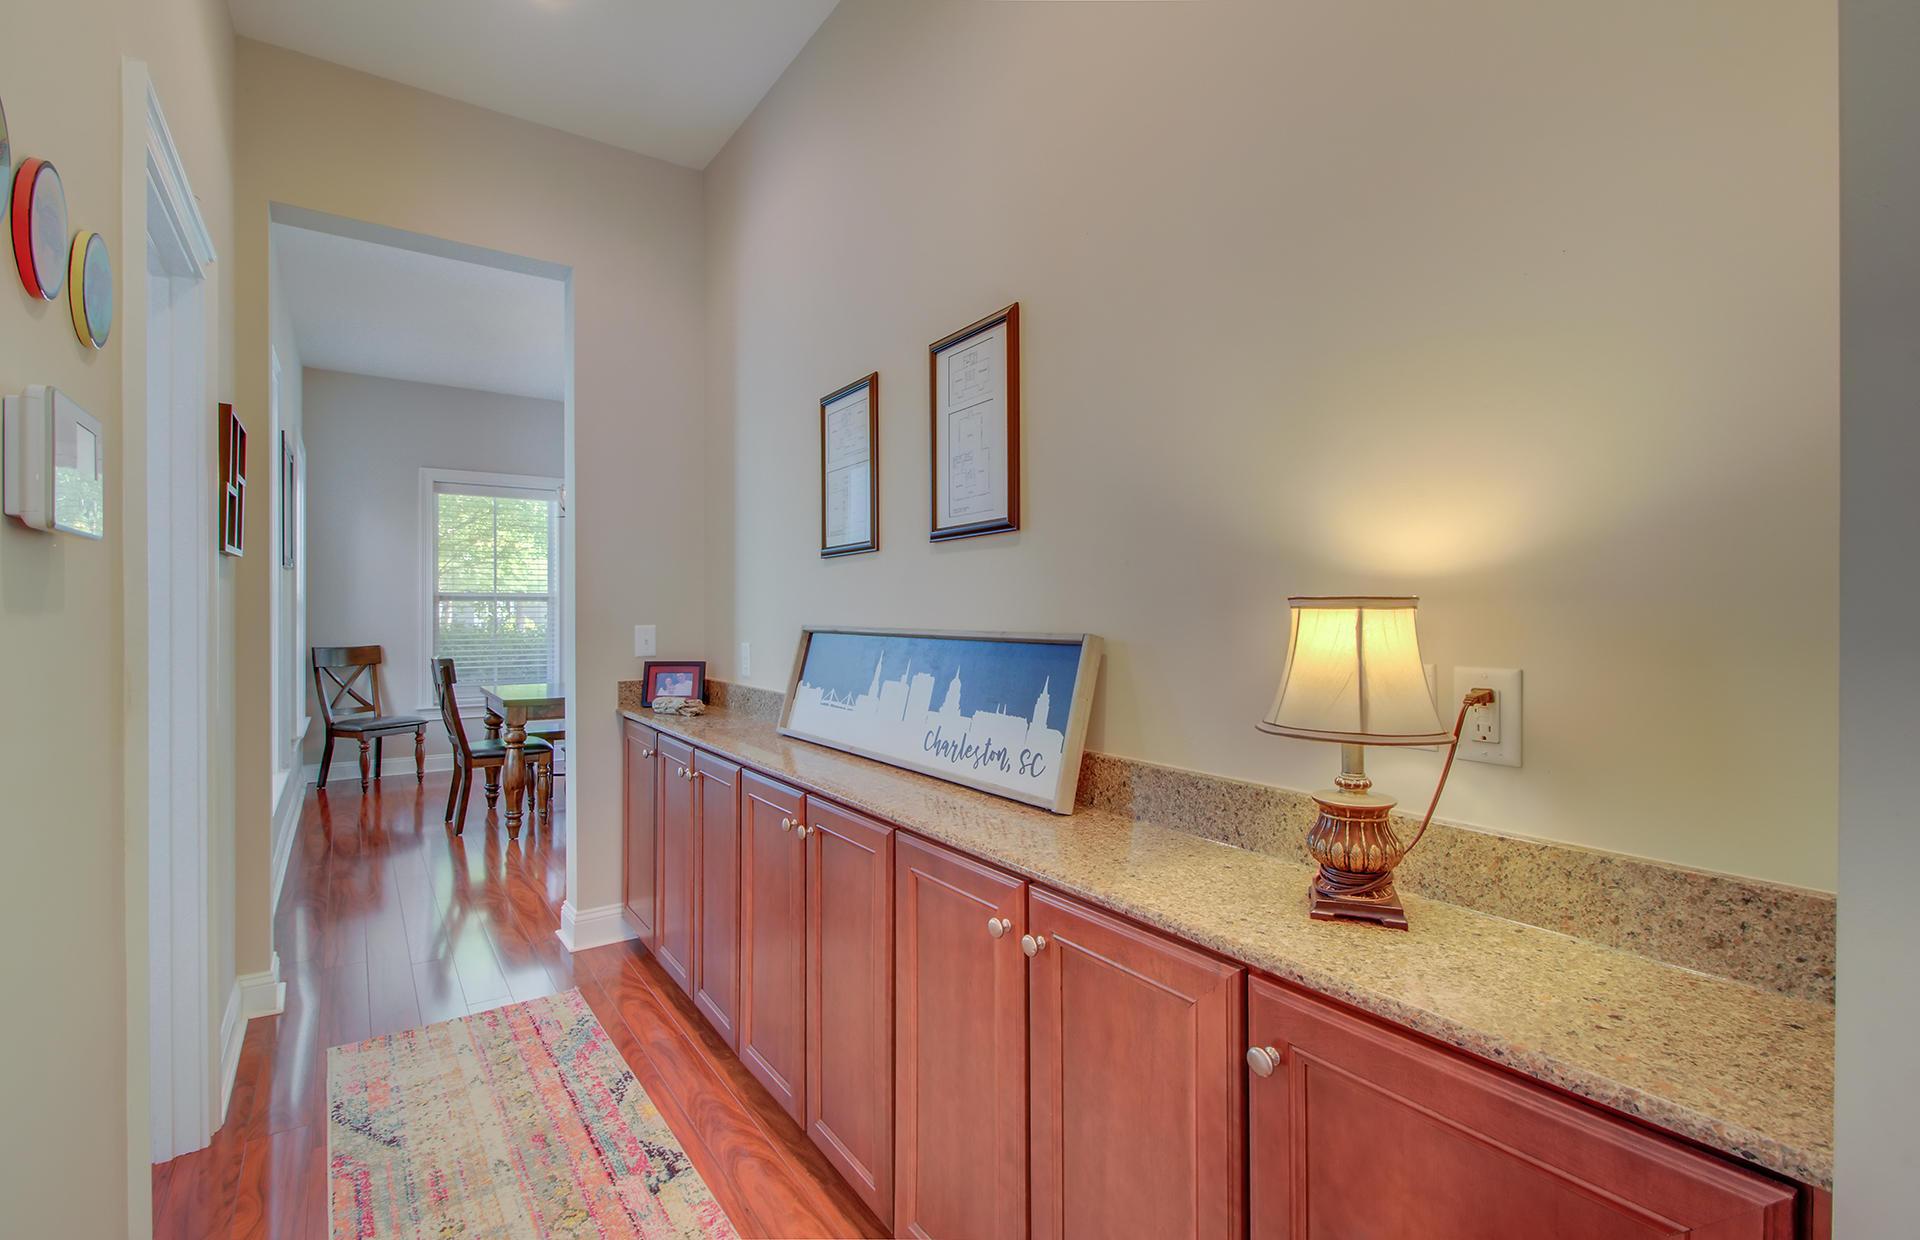 Boltons Landing Homes For Sale - 1749 Batten, Charleston, SC - 9